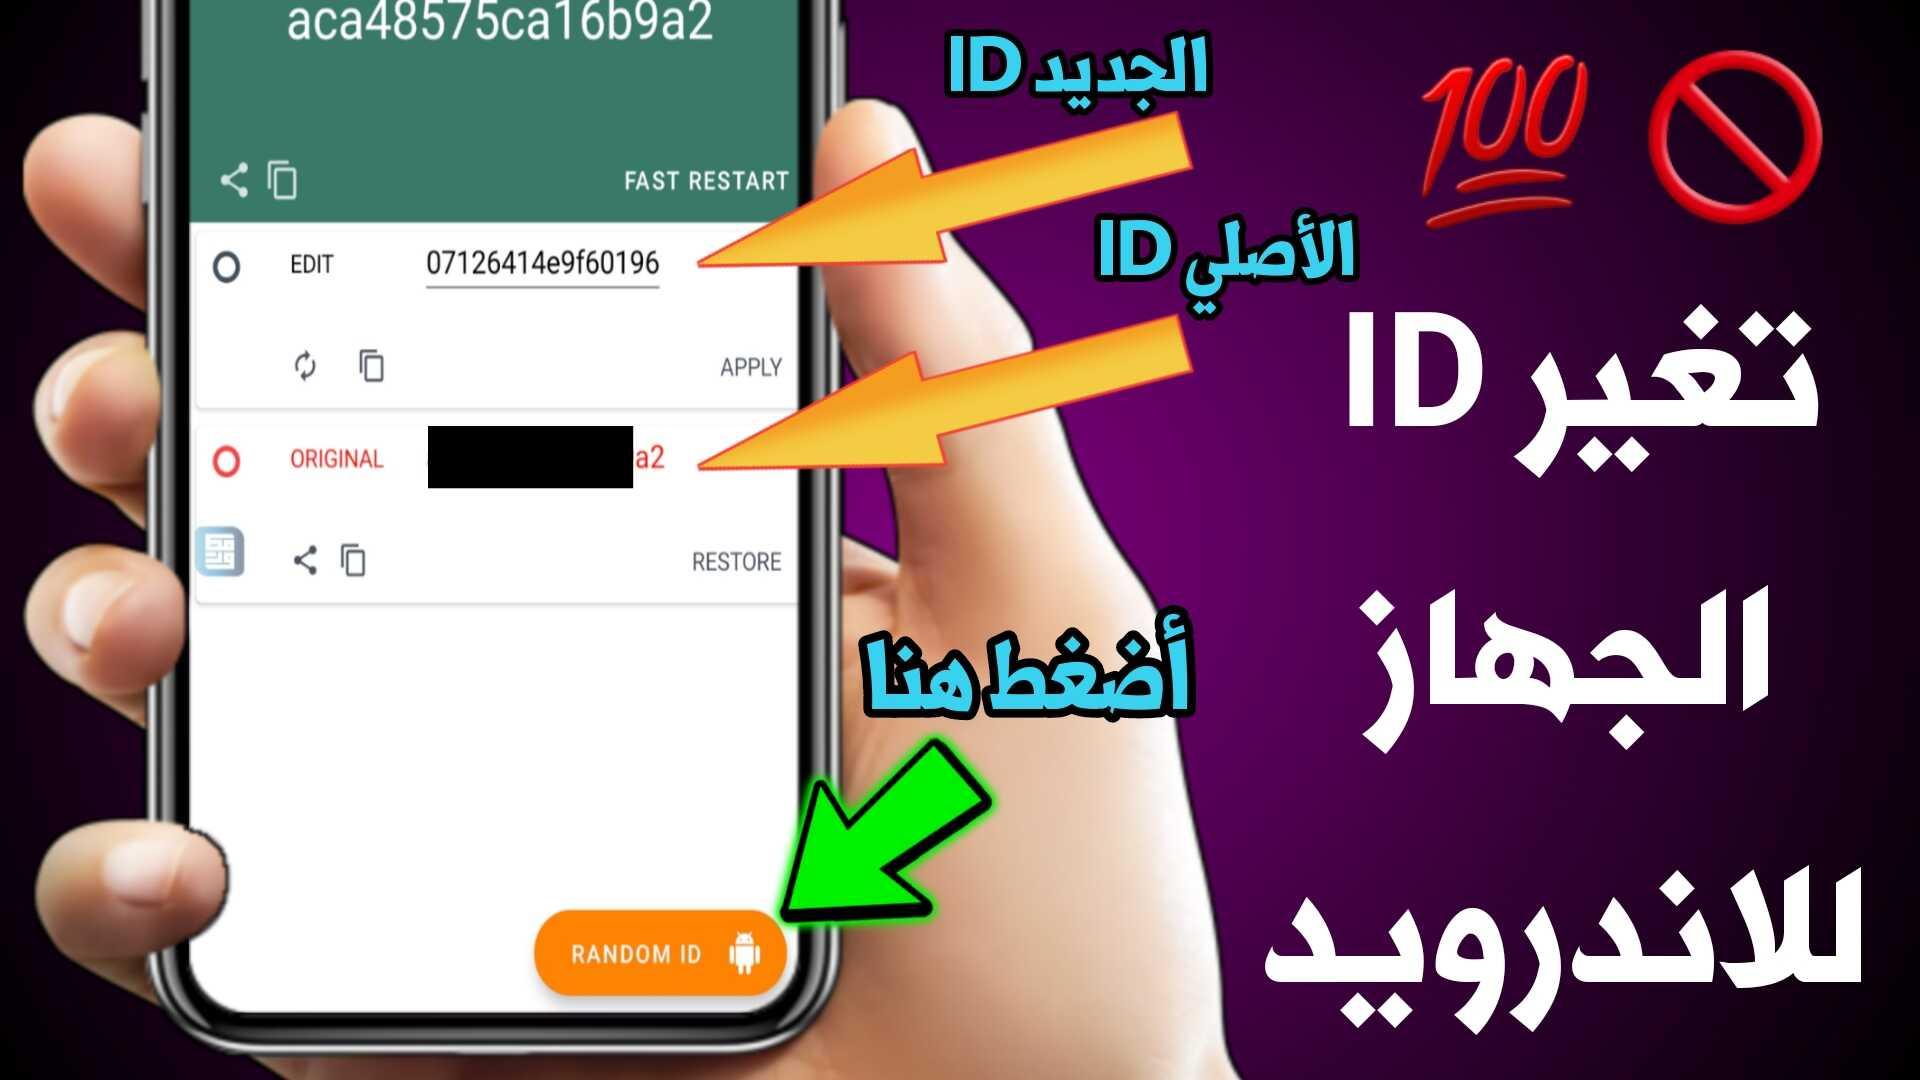 تغير ID الجهاز للاندرويد بدون عمل فورمات لتجنب الحظر